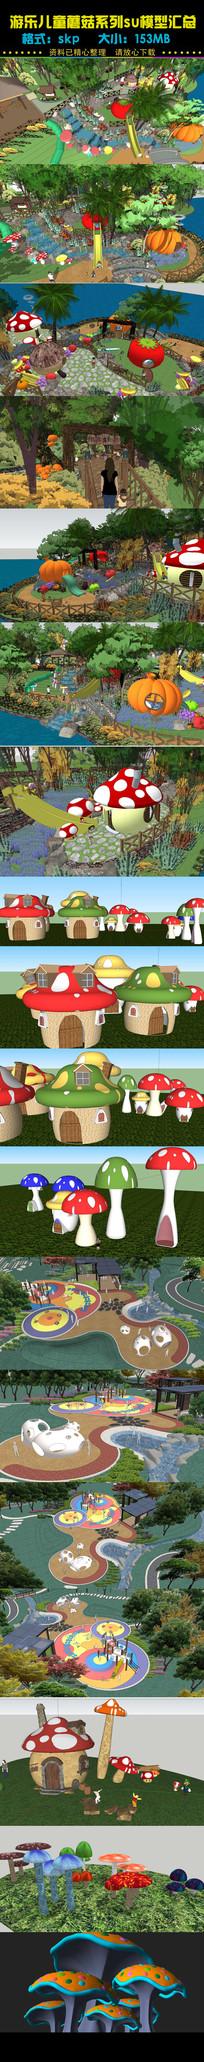 游乐园儿童蘑菇系列su模型